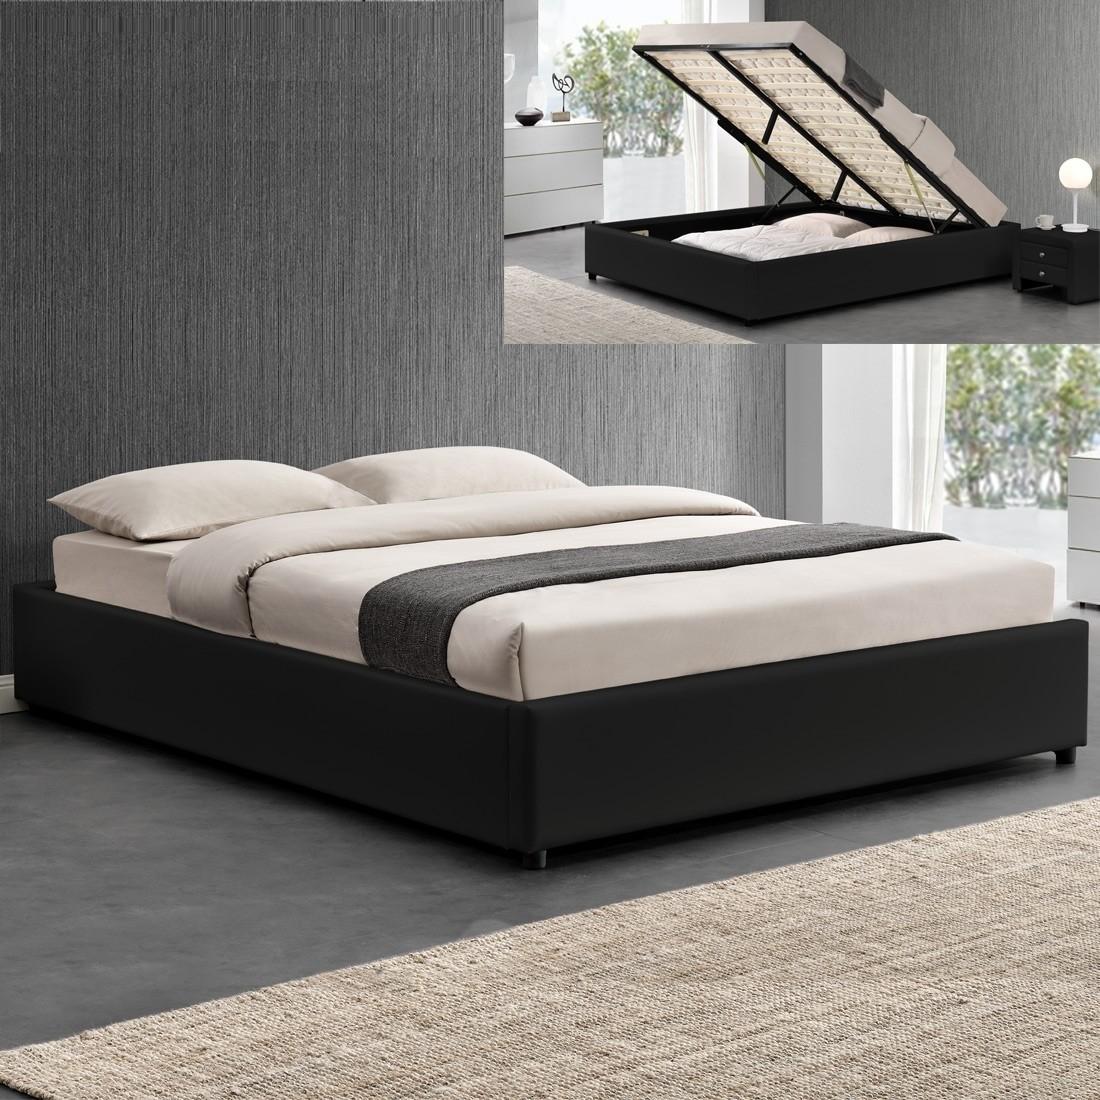 ensemble matelas sommier coffre 140 noir. Black Bedroom Furniture Sets. Home Design Ideas